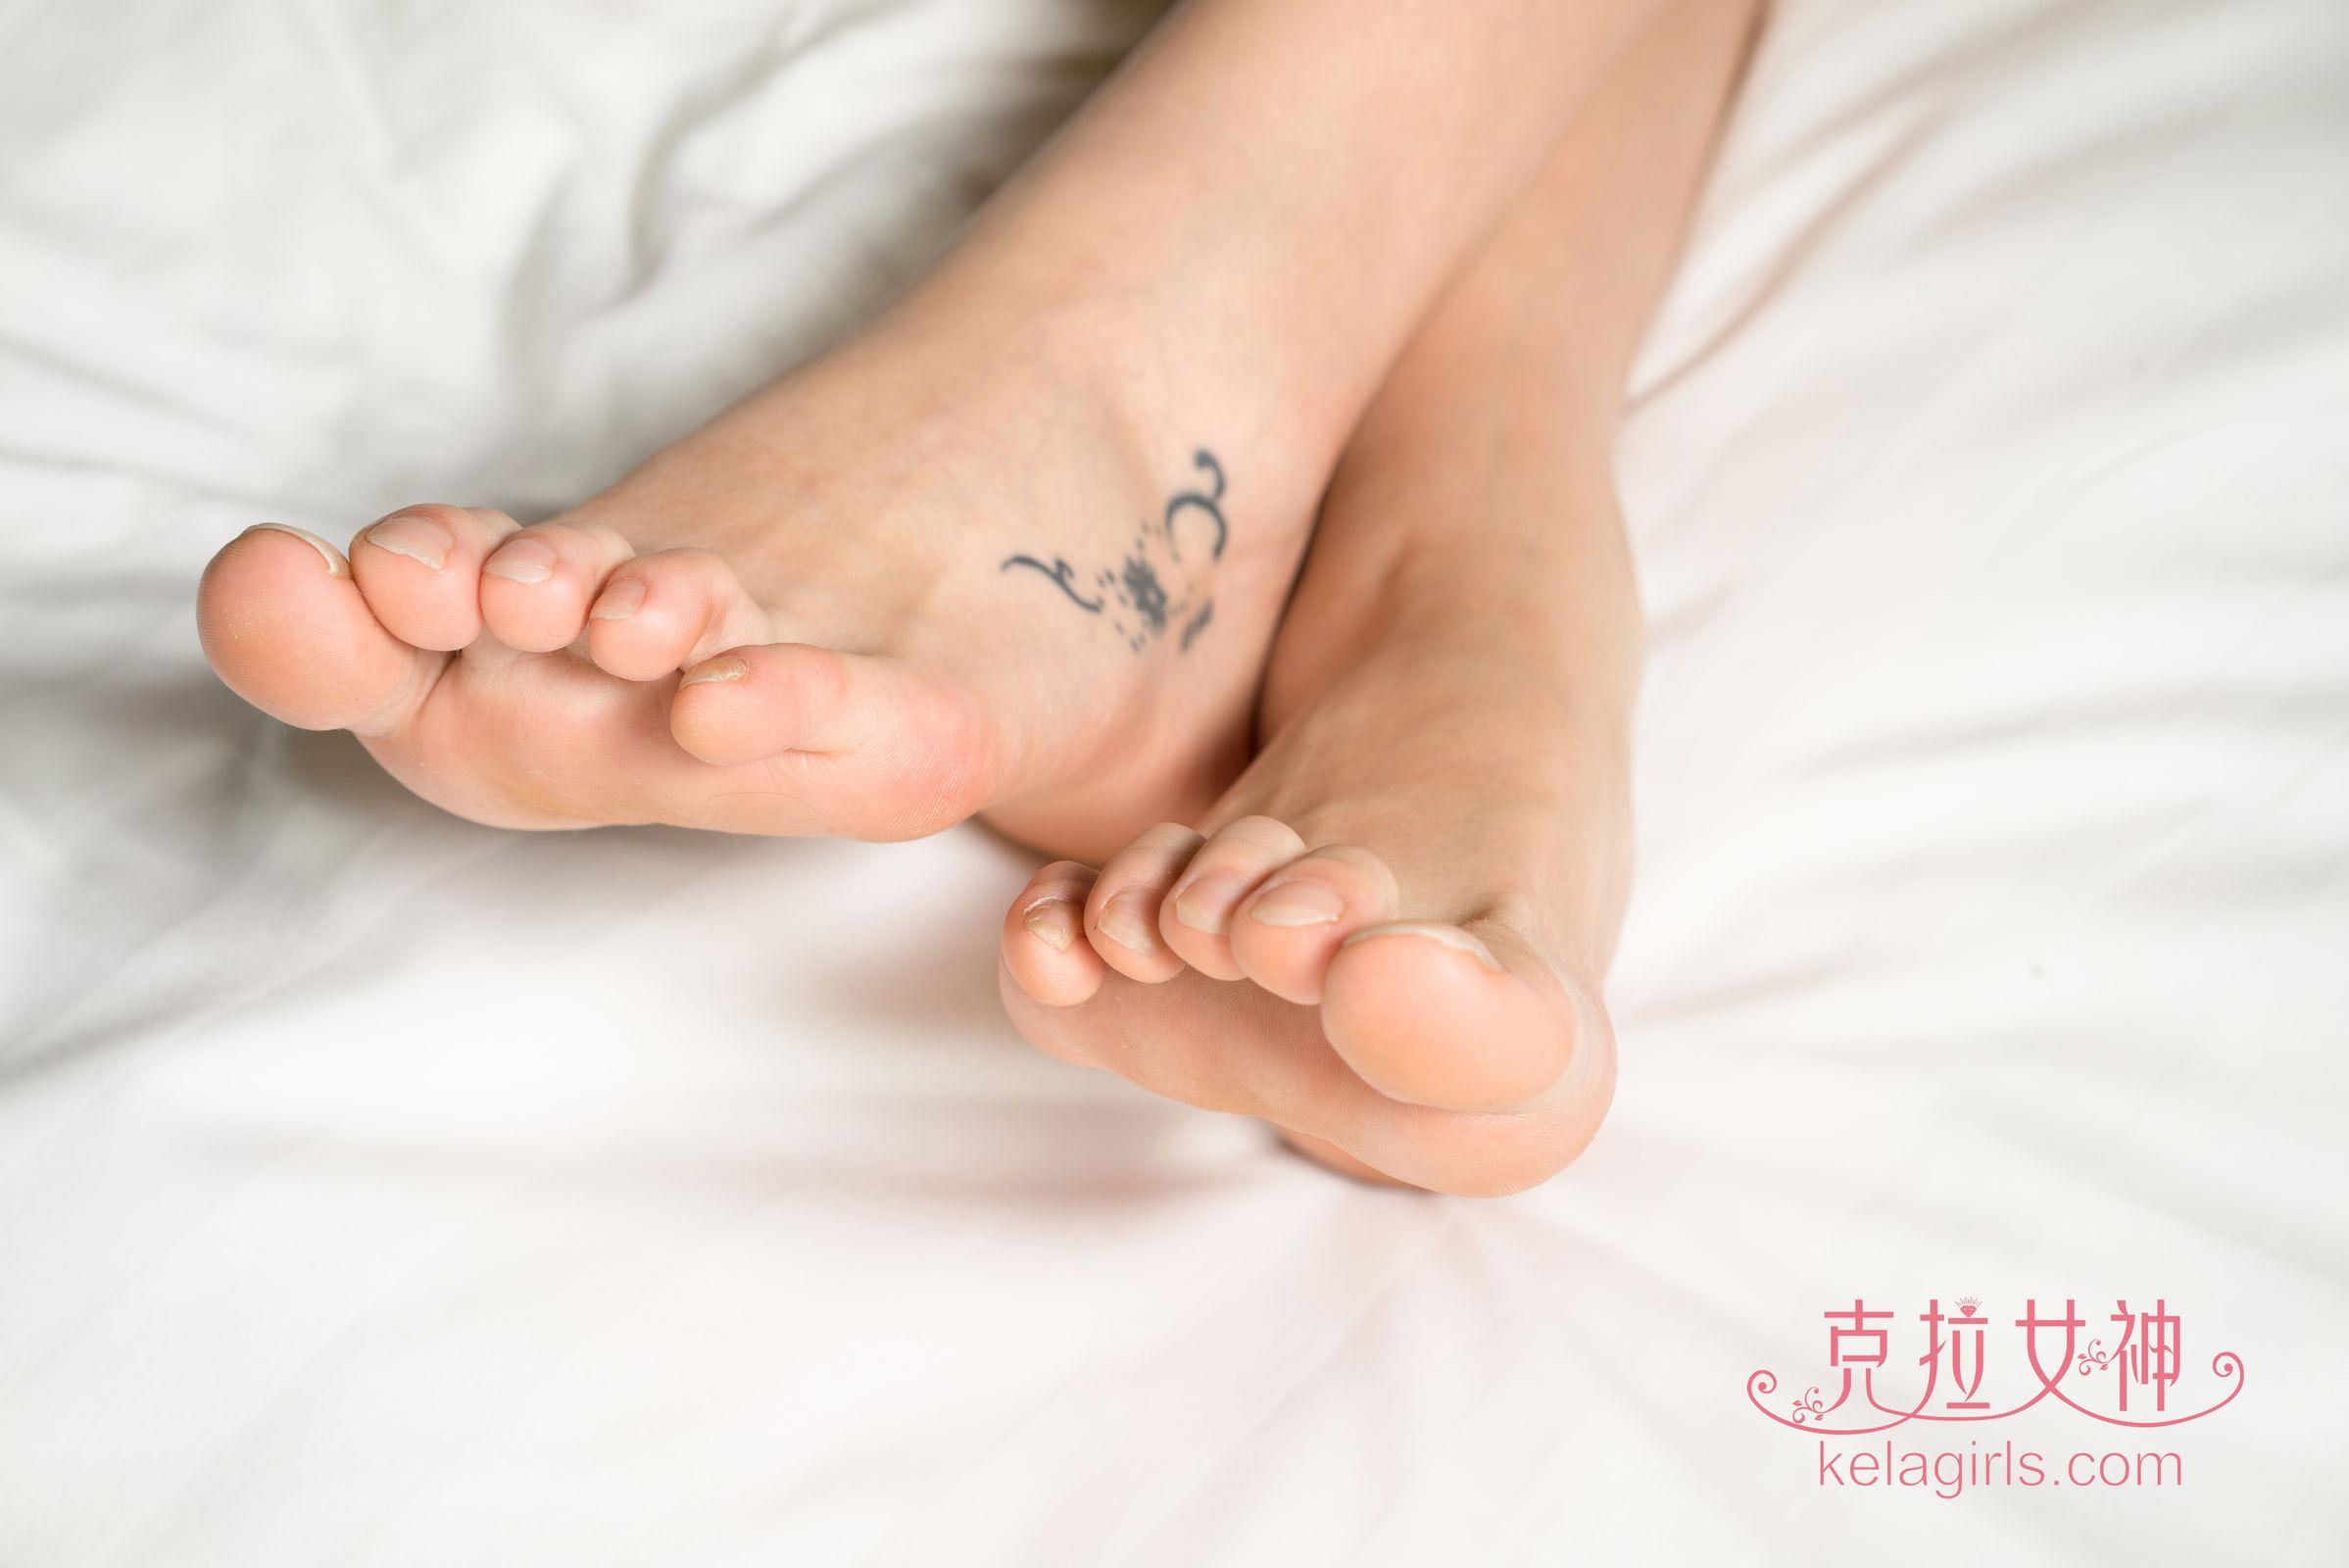 小萱 - 轻移莲步 美足写真